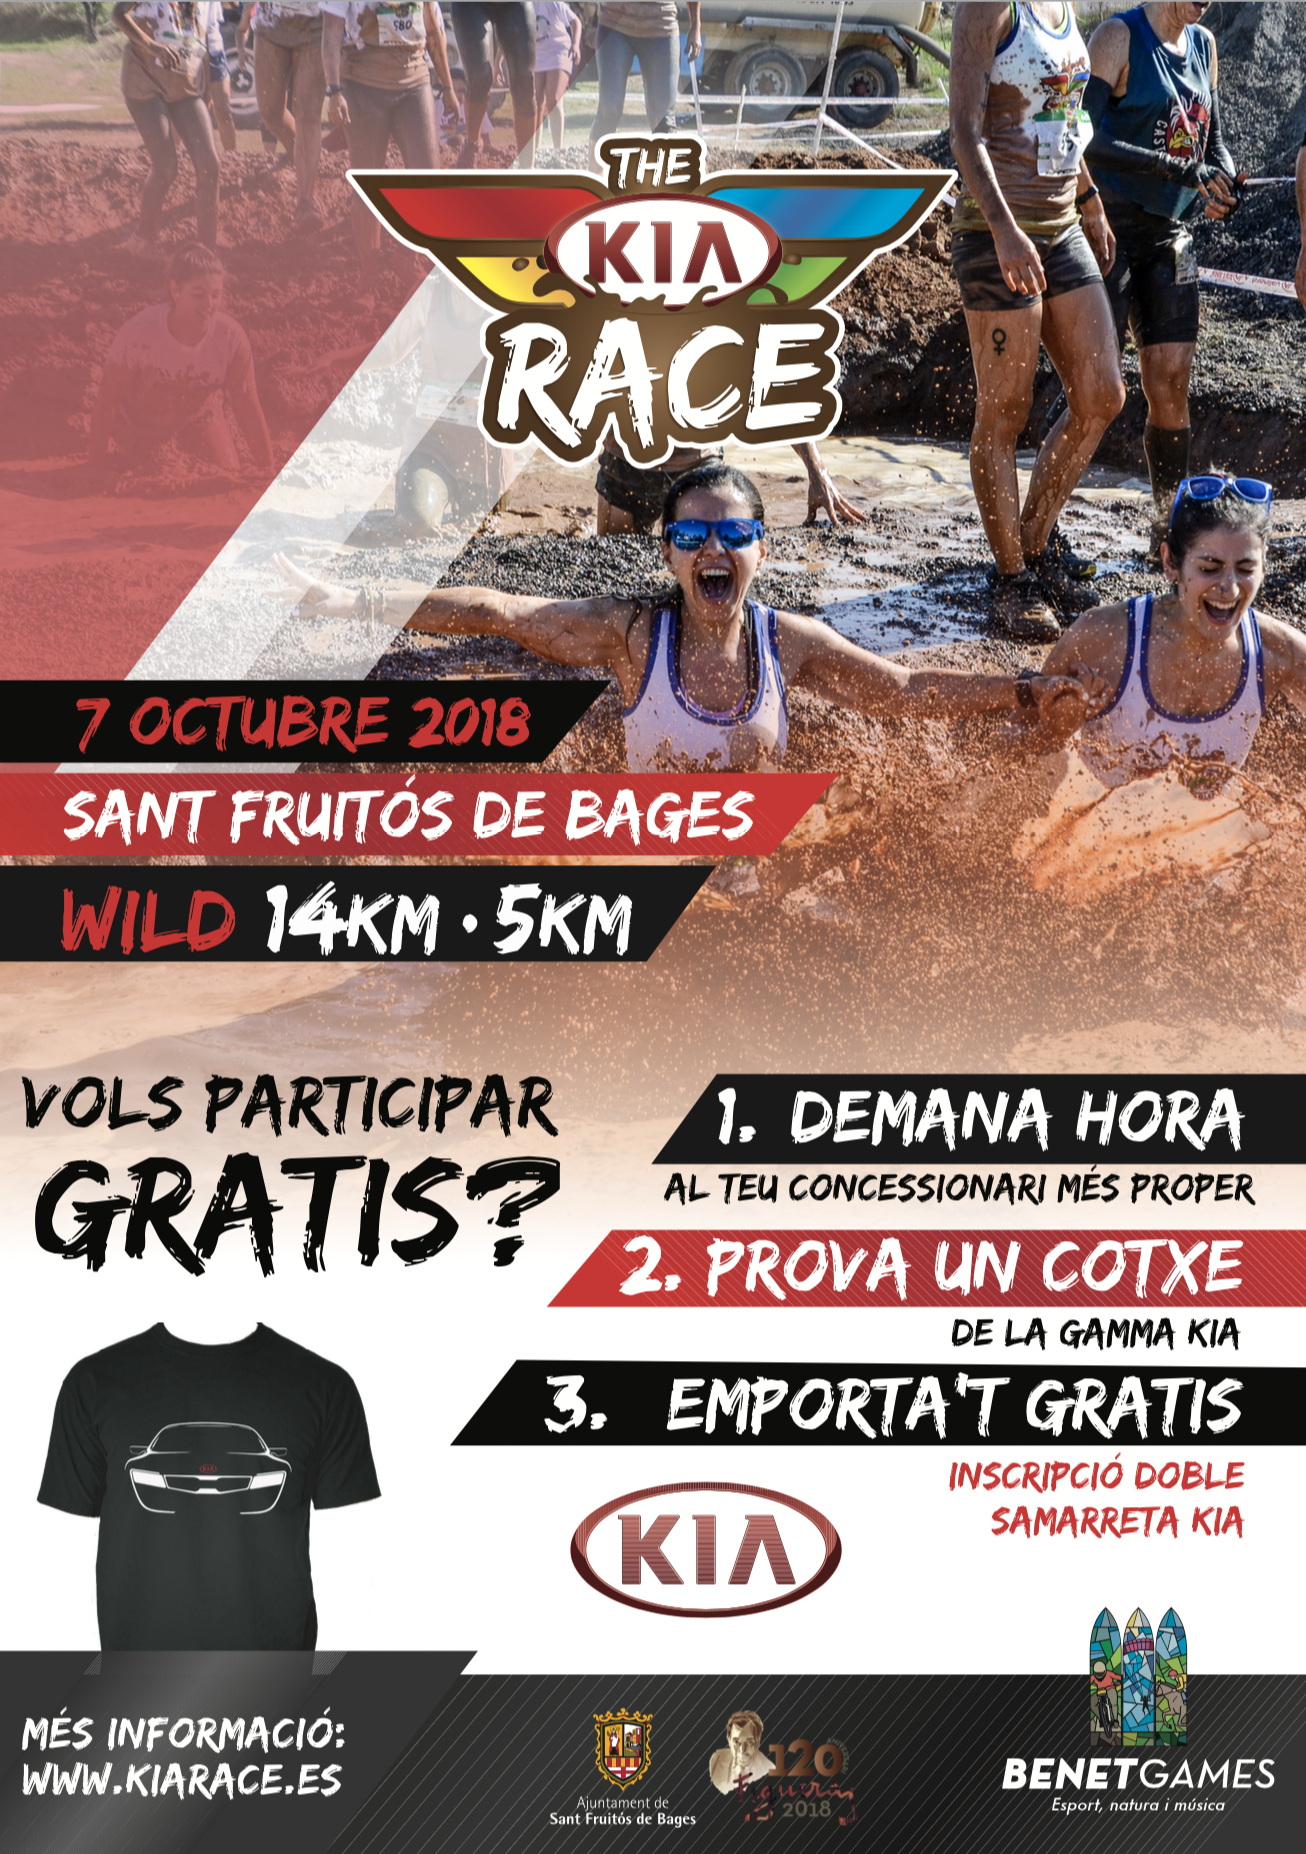 INSCRIPCIONS GRATUÏTES A LA KIA RACE DE SANT FRUITÓS DE BAGES DEL 7 D'OCTUBRE